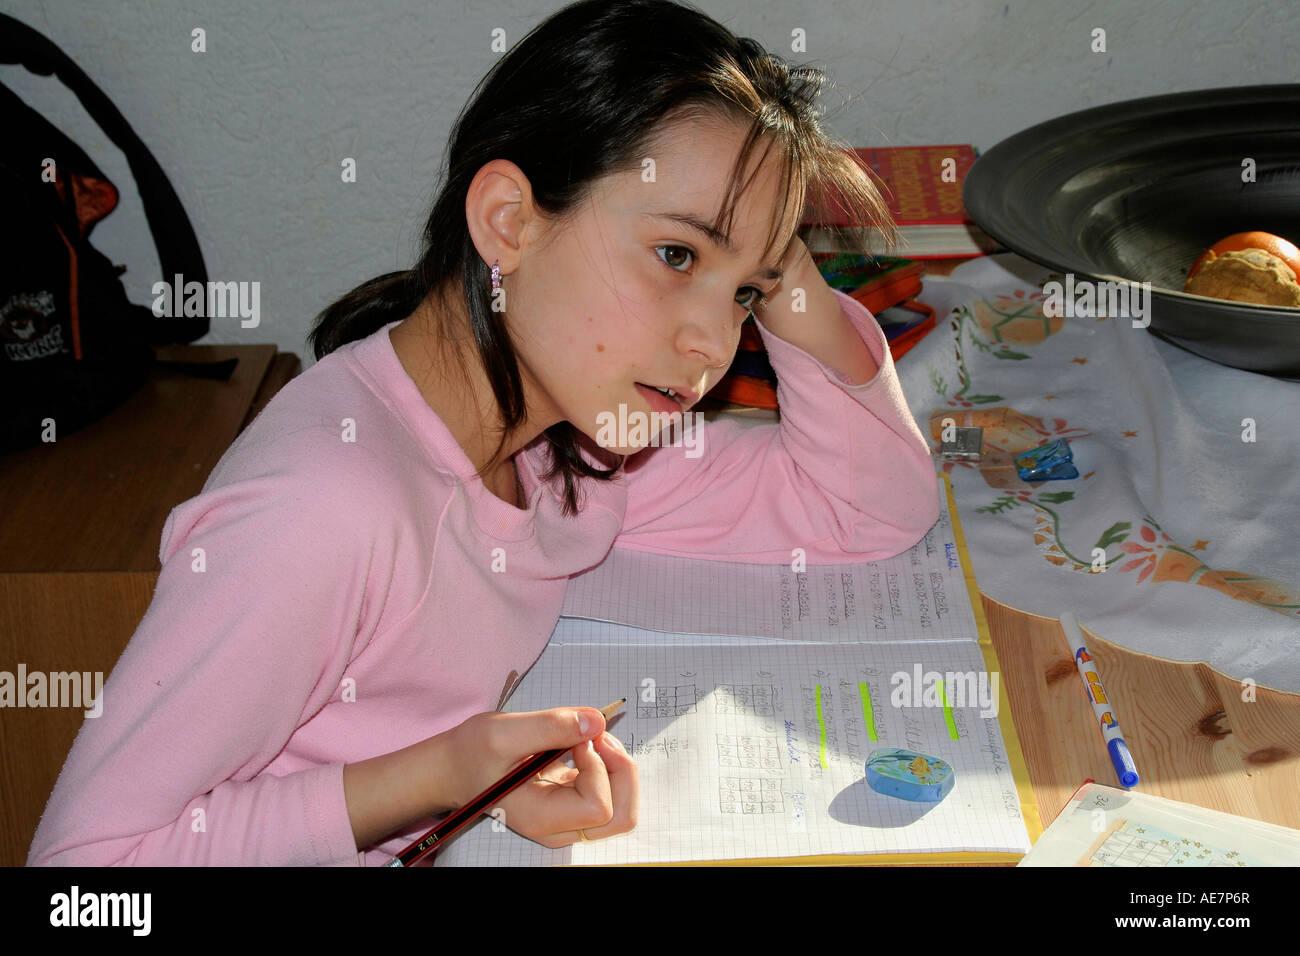 School child with the homework - Schulkind bei den Hausaufgaben Stock Photo